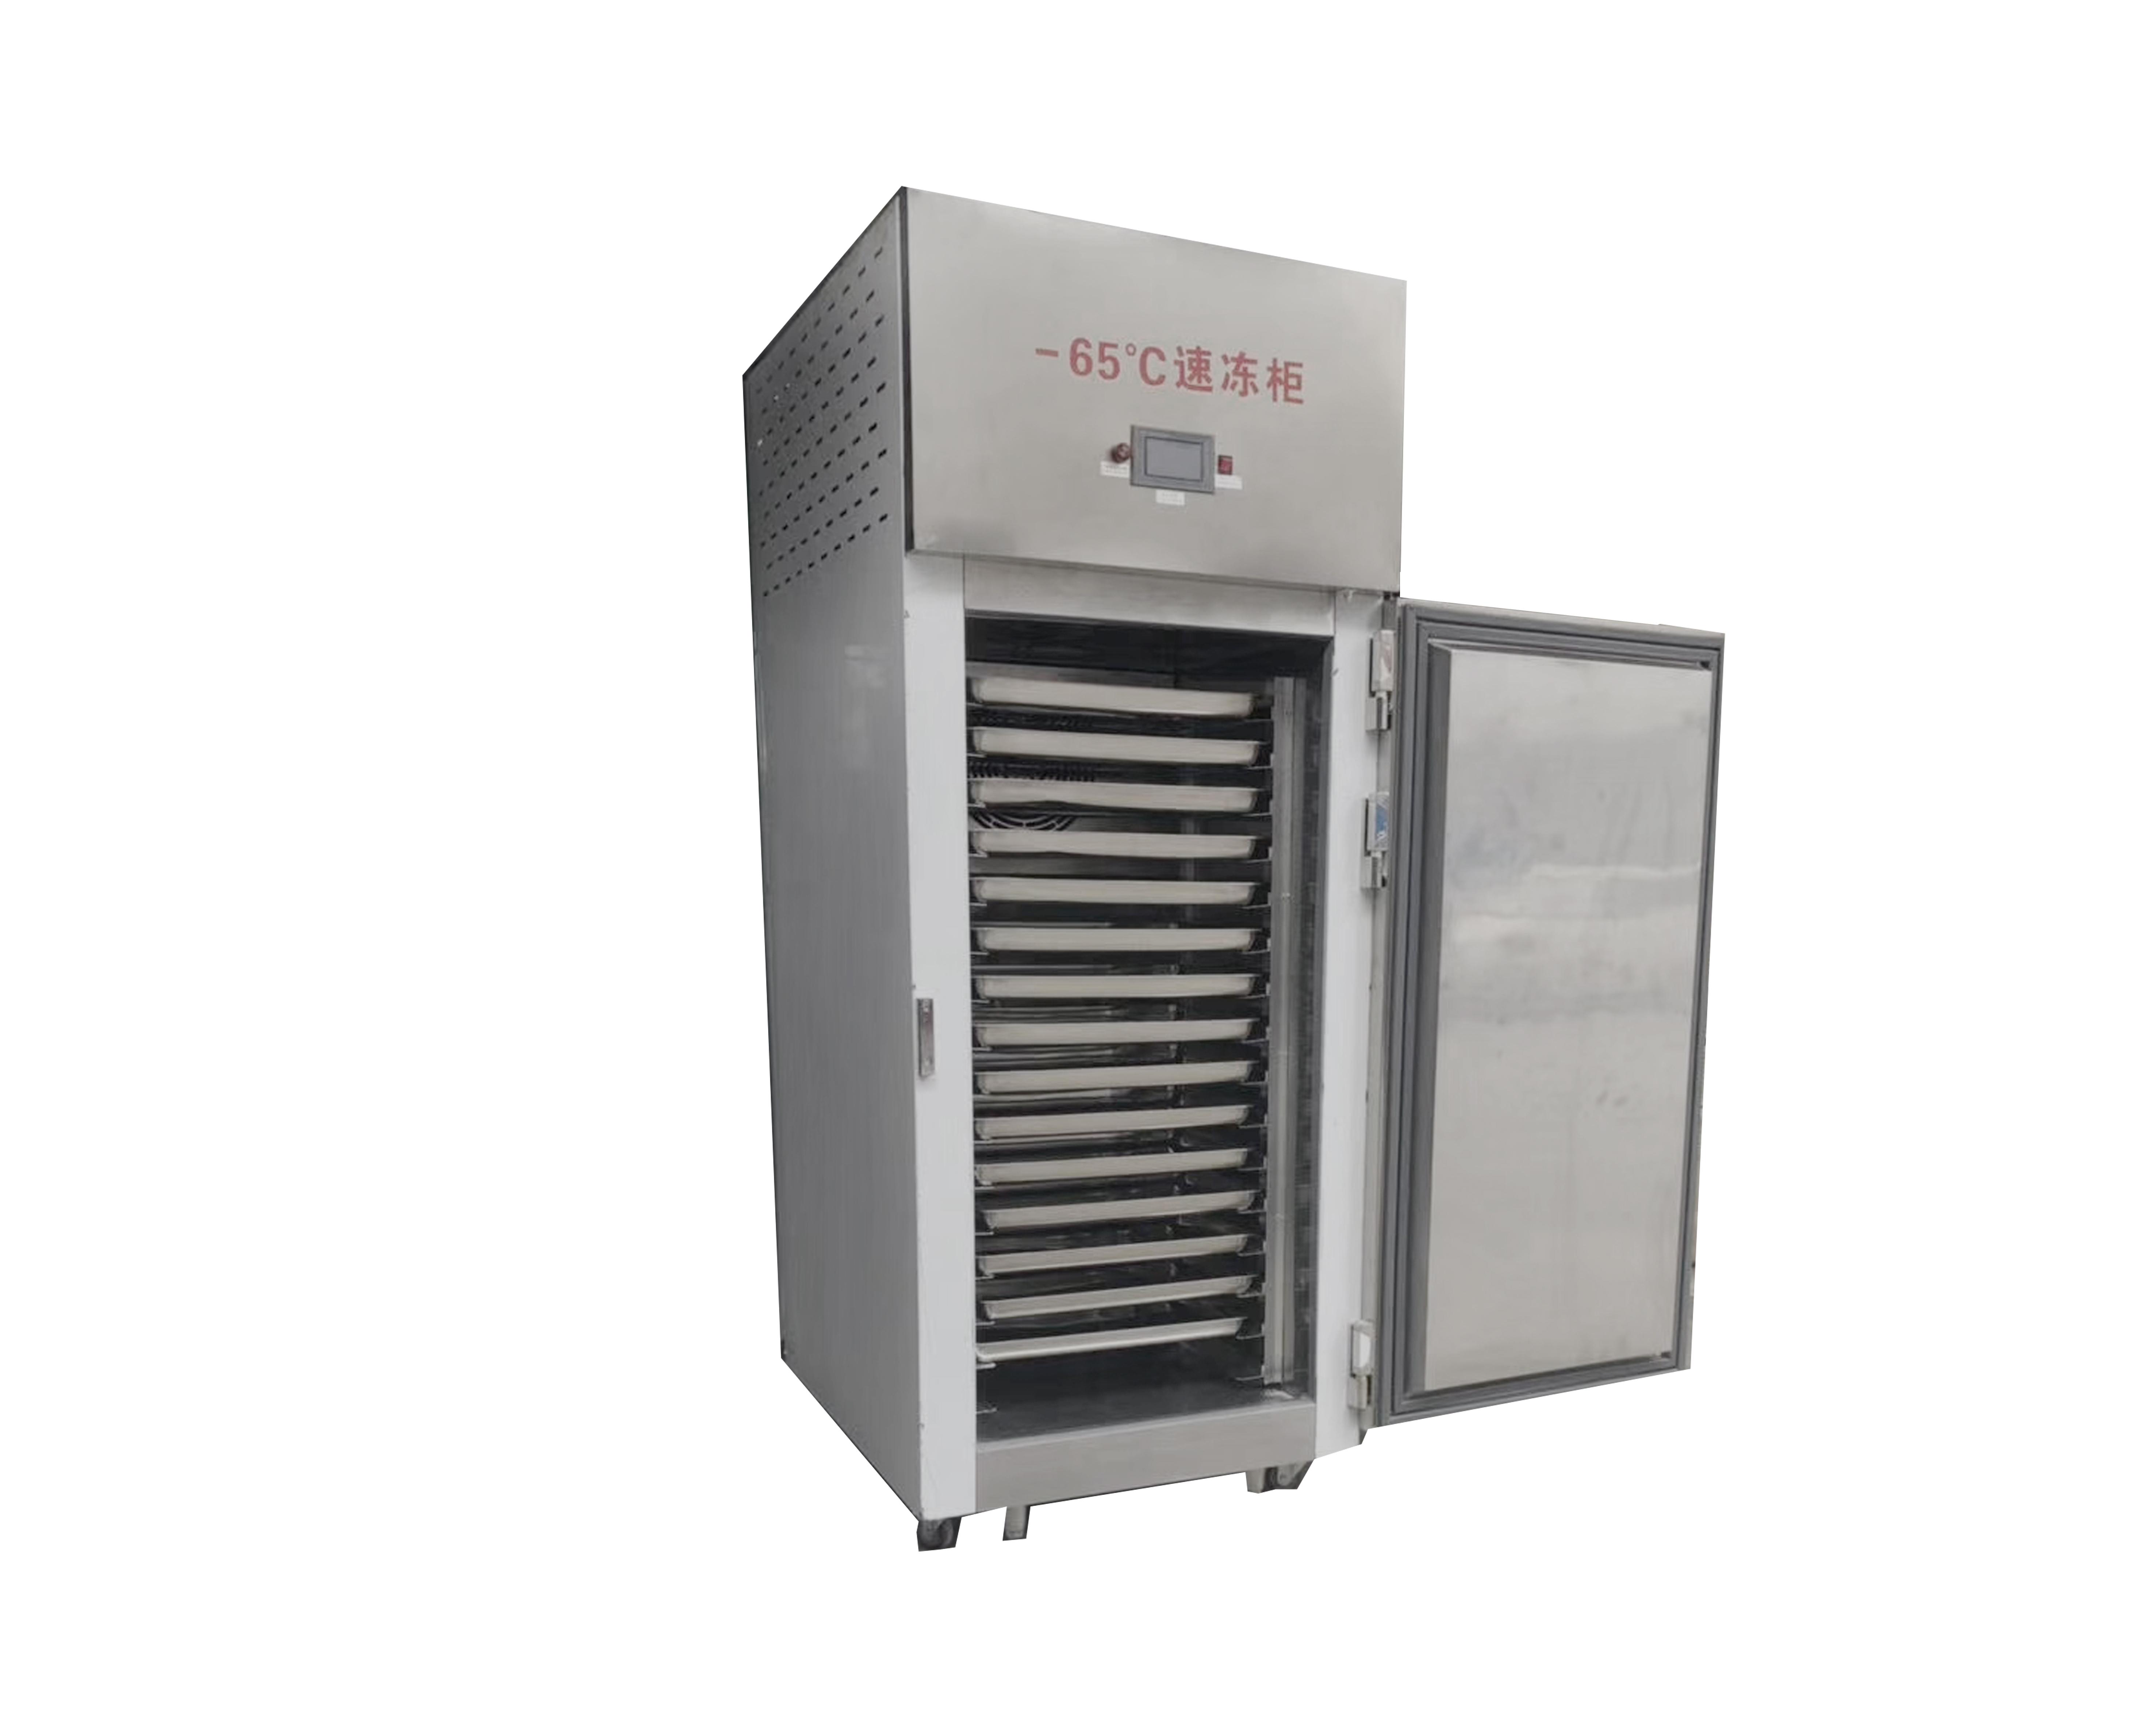 低温速冻柜哪家好  低温速冻柜厂家直销 广东低温速冻柜